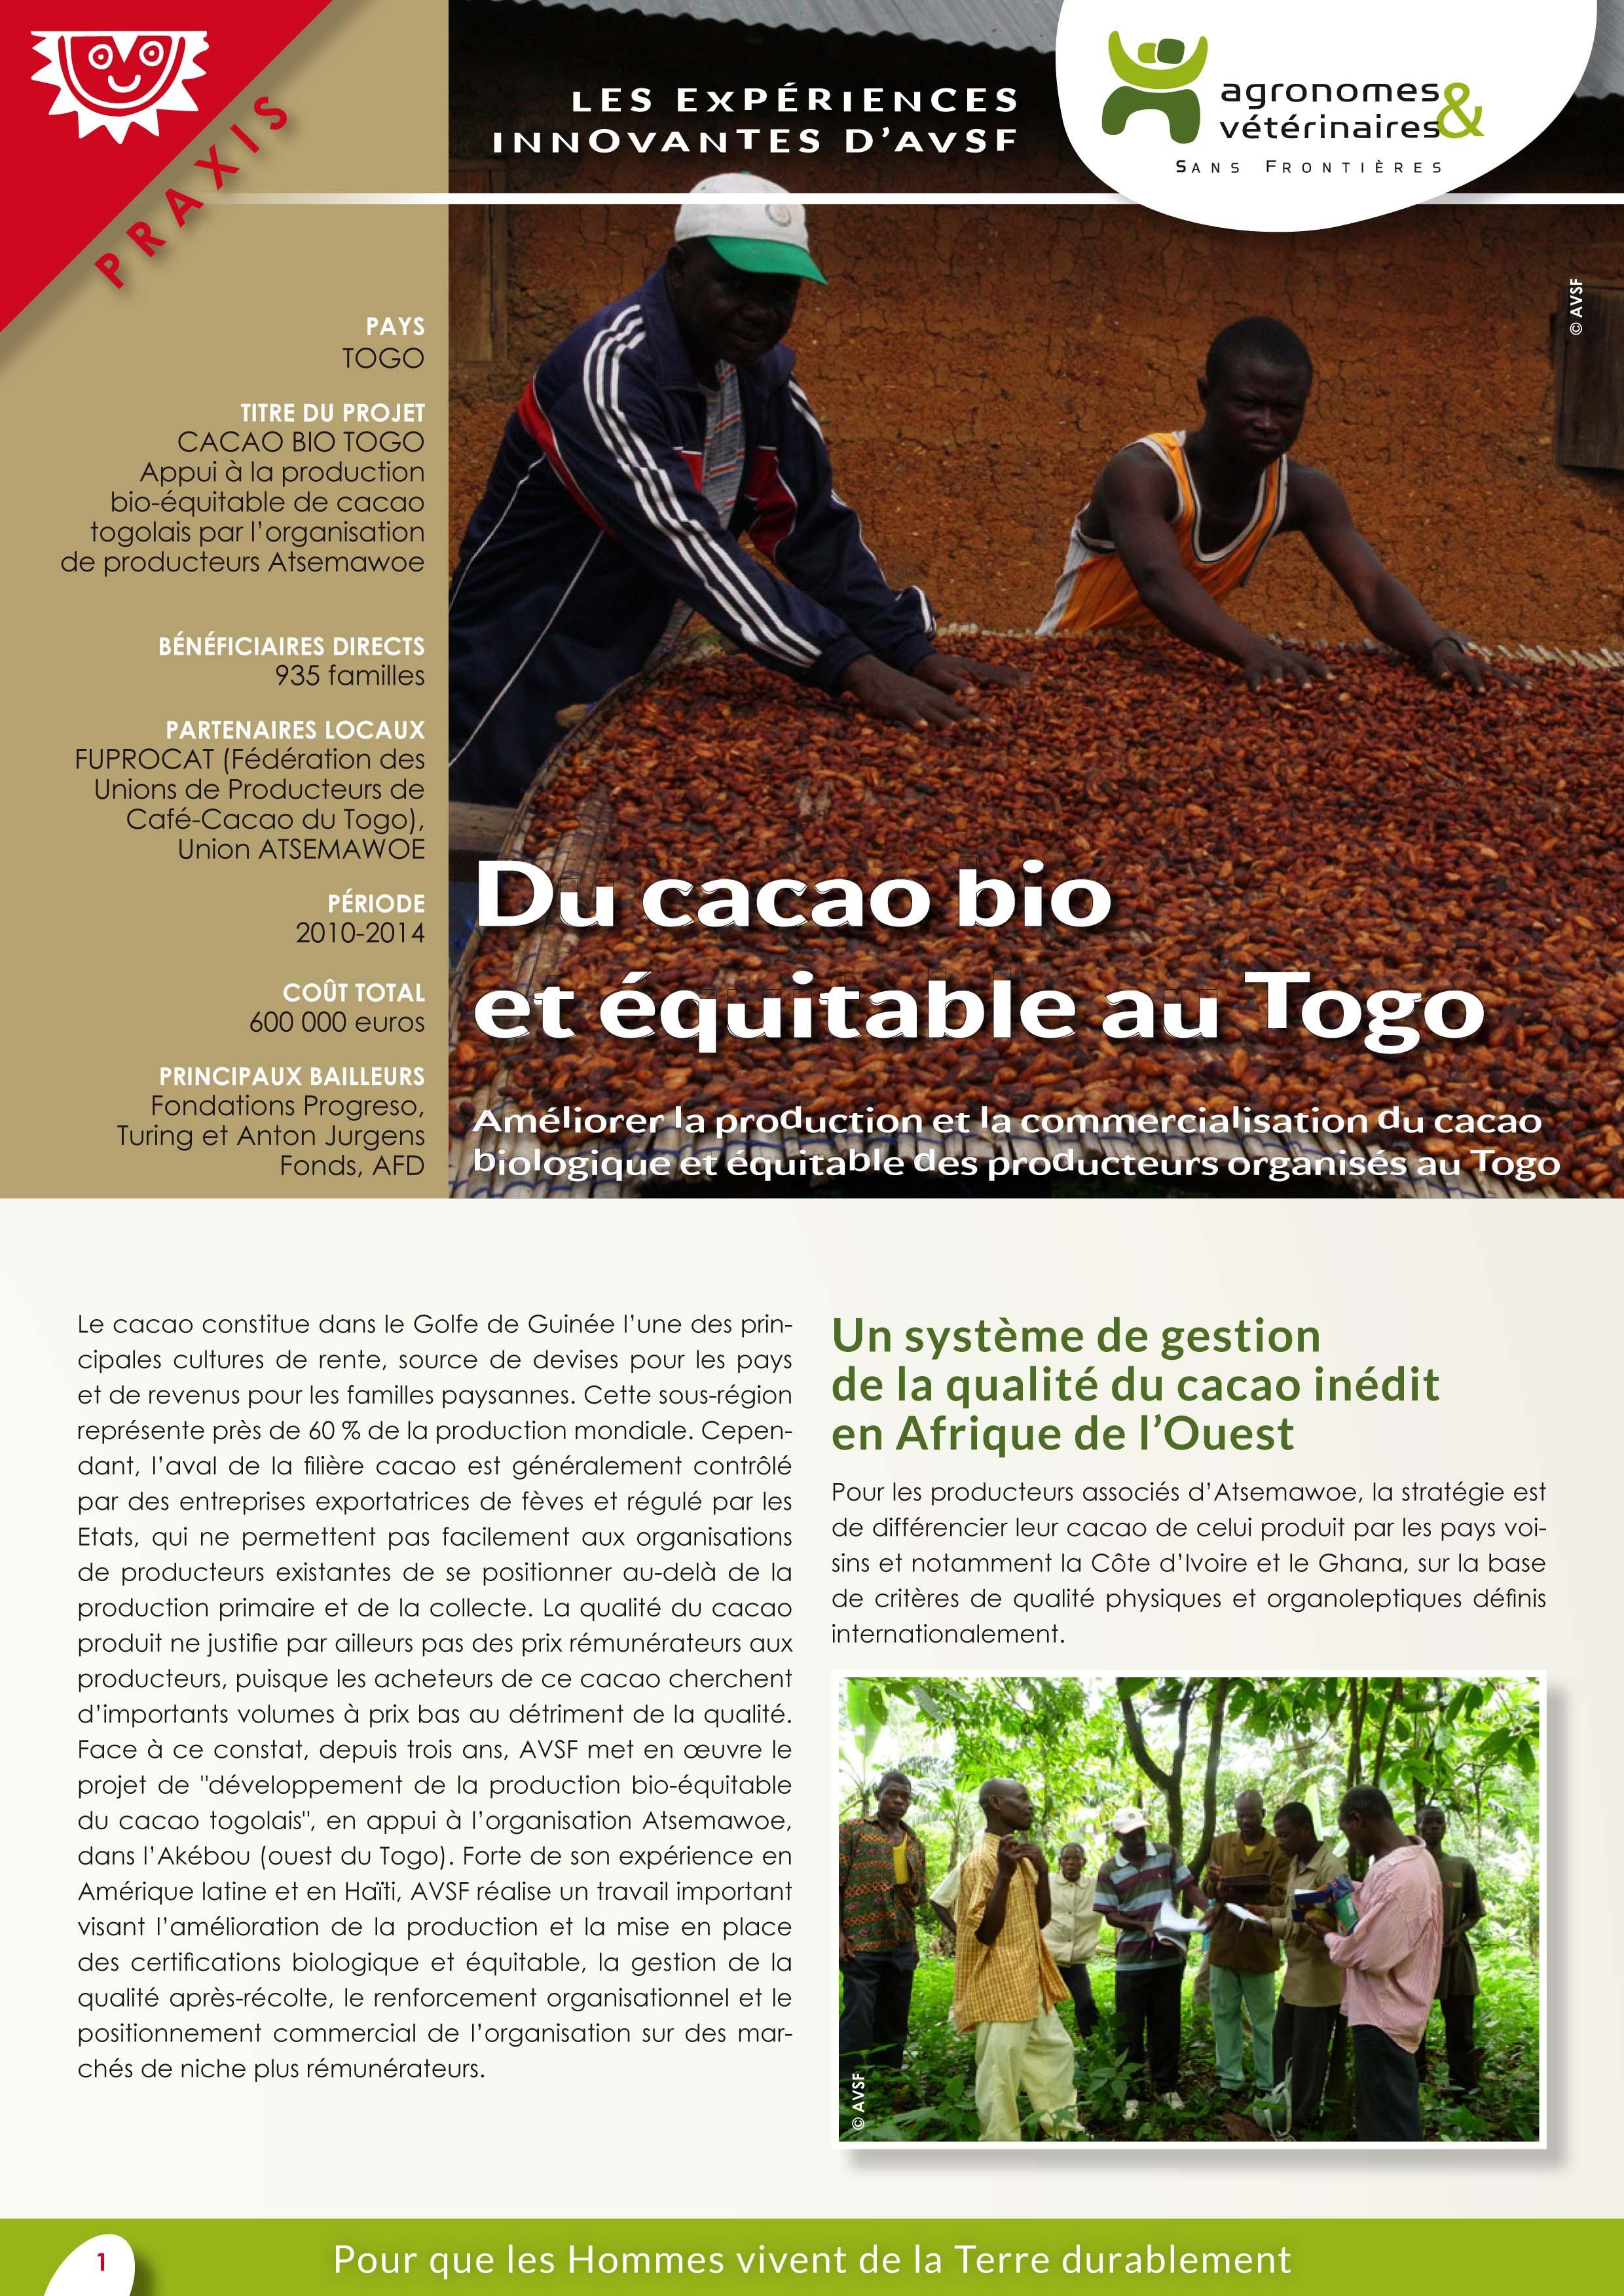 Les expériences innovantes d'AVSF : Du cacao bio et équitable au Togo Image principale